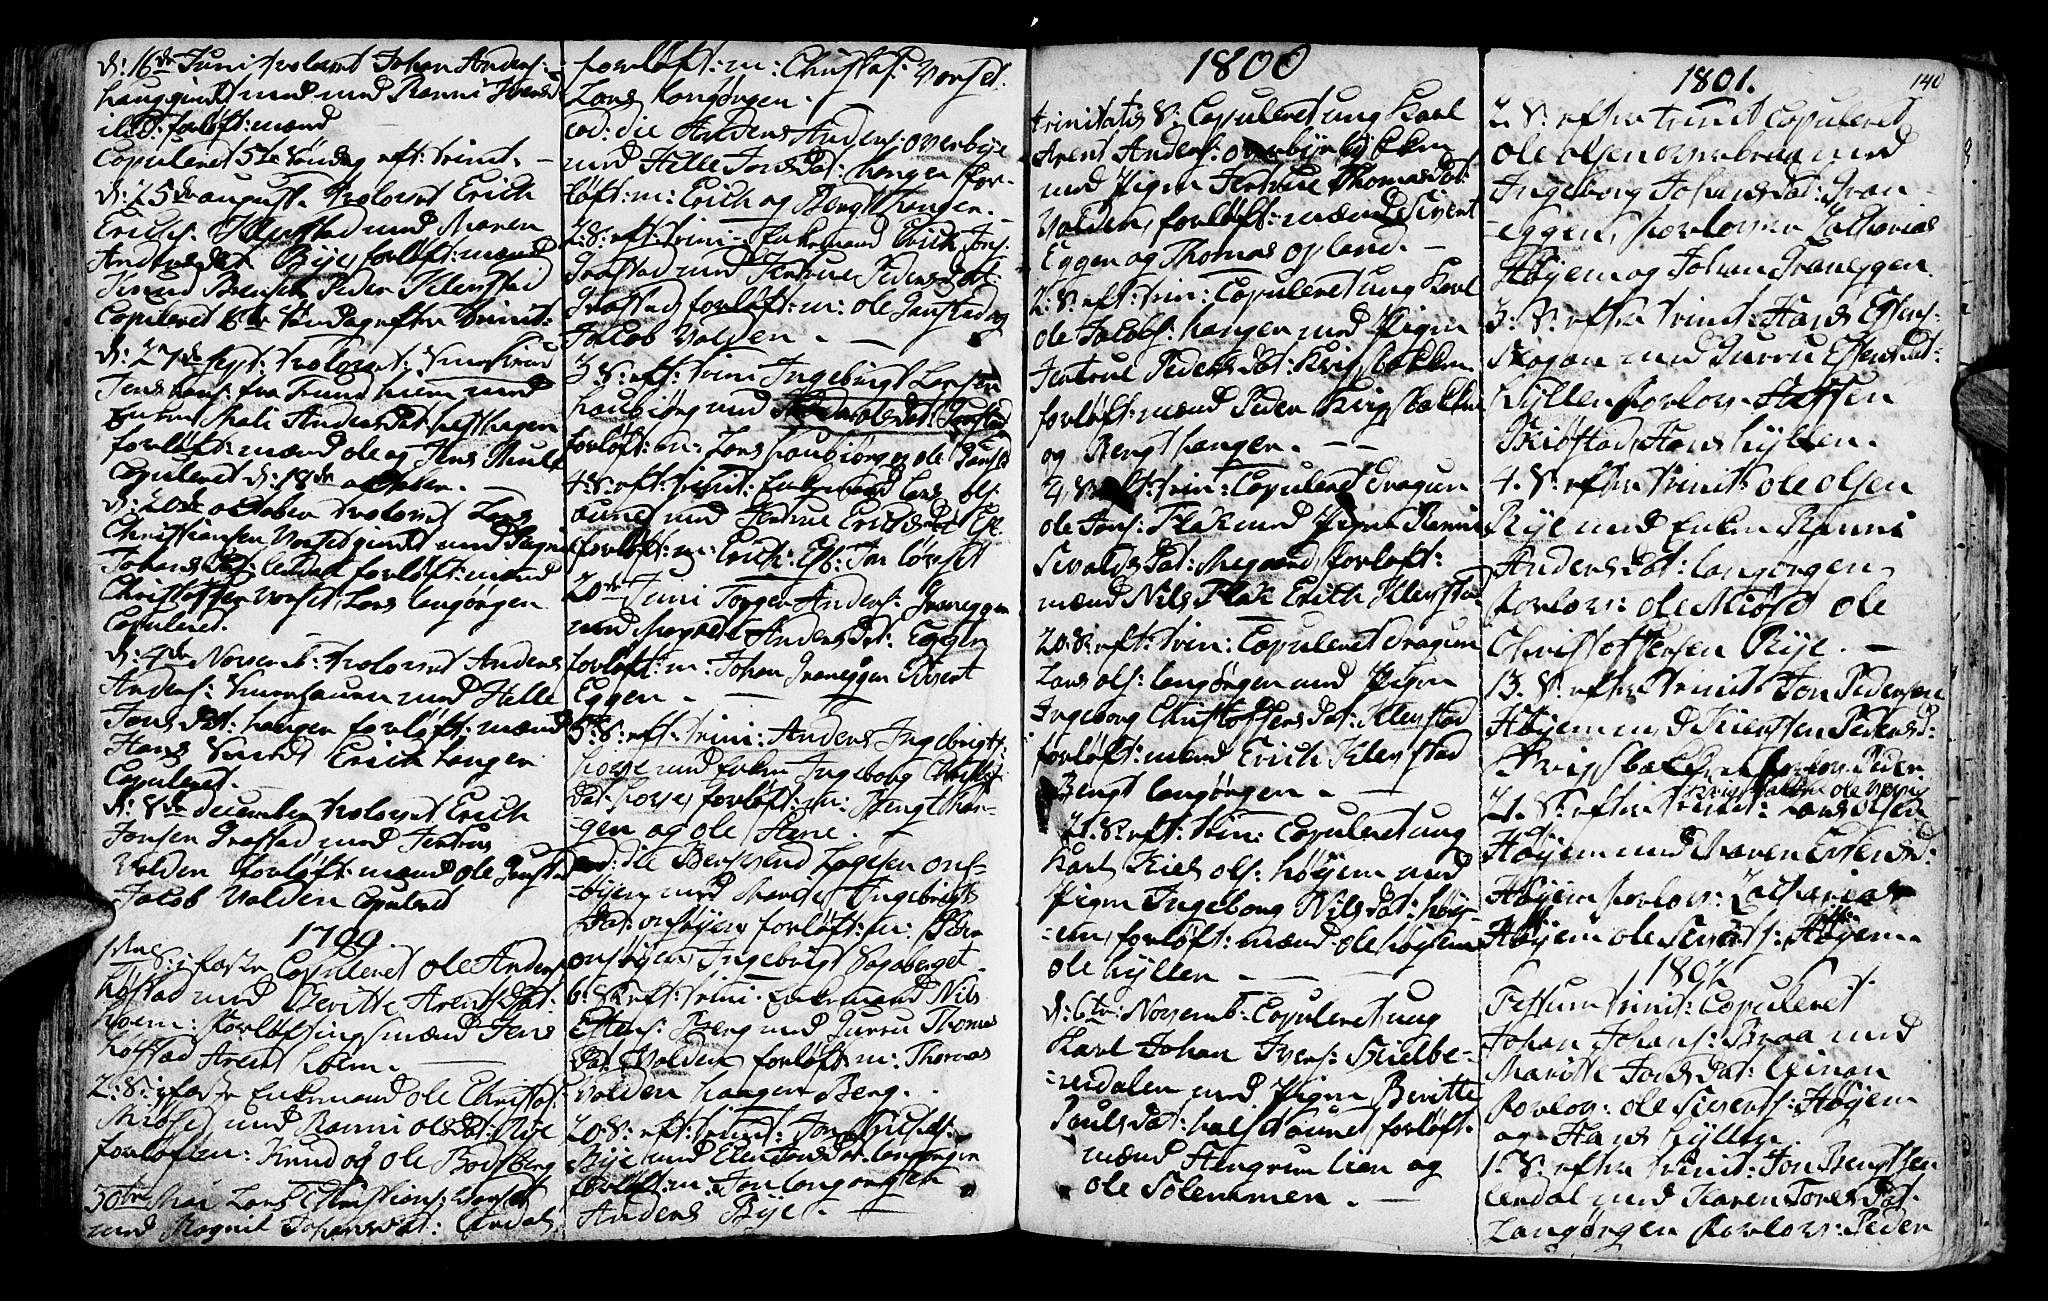 SAT, Ministerialprotokoller, klokkerbøker og fødselsregistre - Sør-Trøndelag, 612/L0370: Ministerialbok nr. 612A04, 1754-1802, s. 140